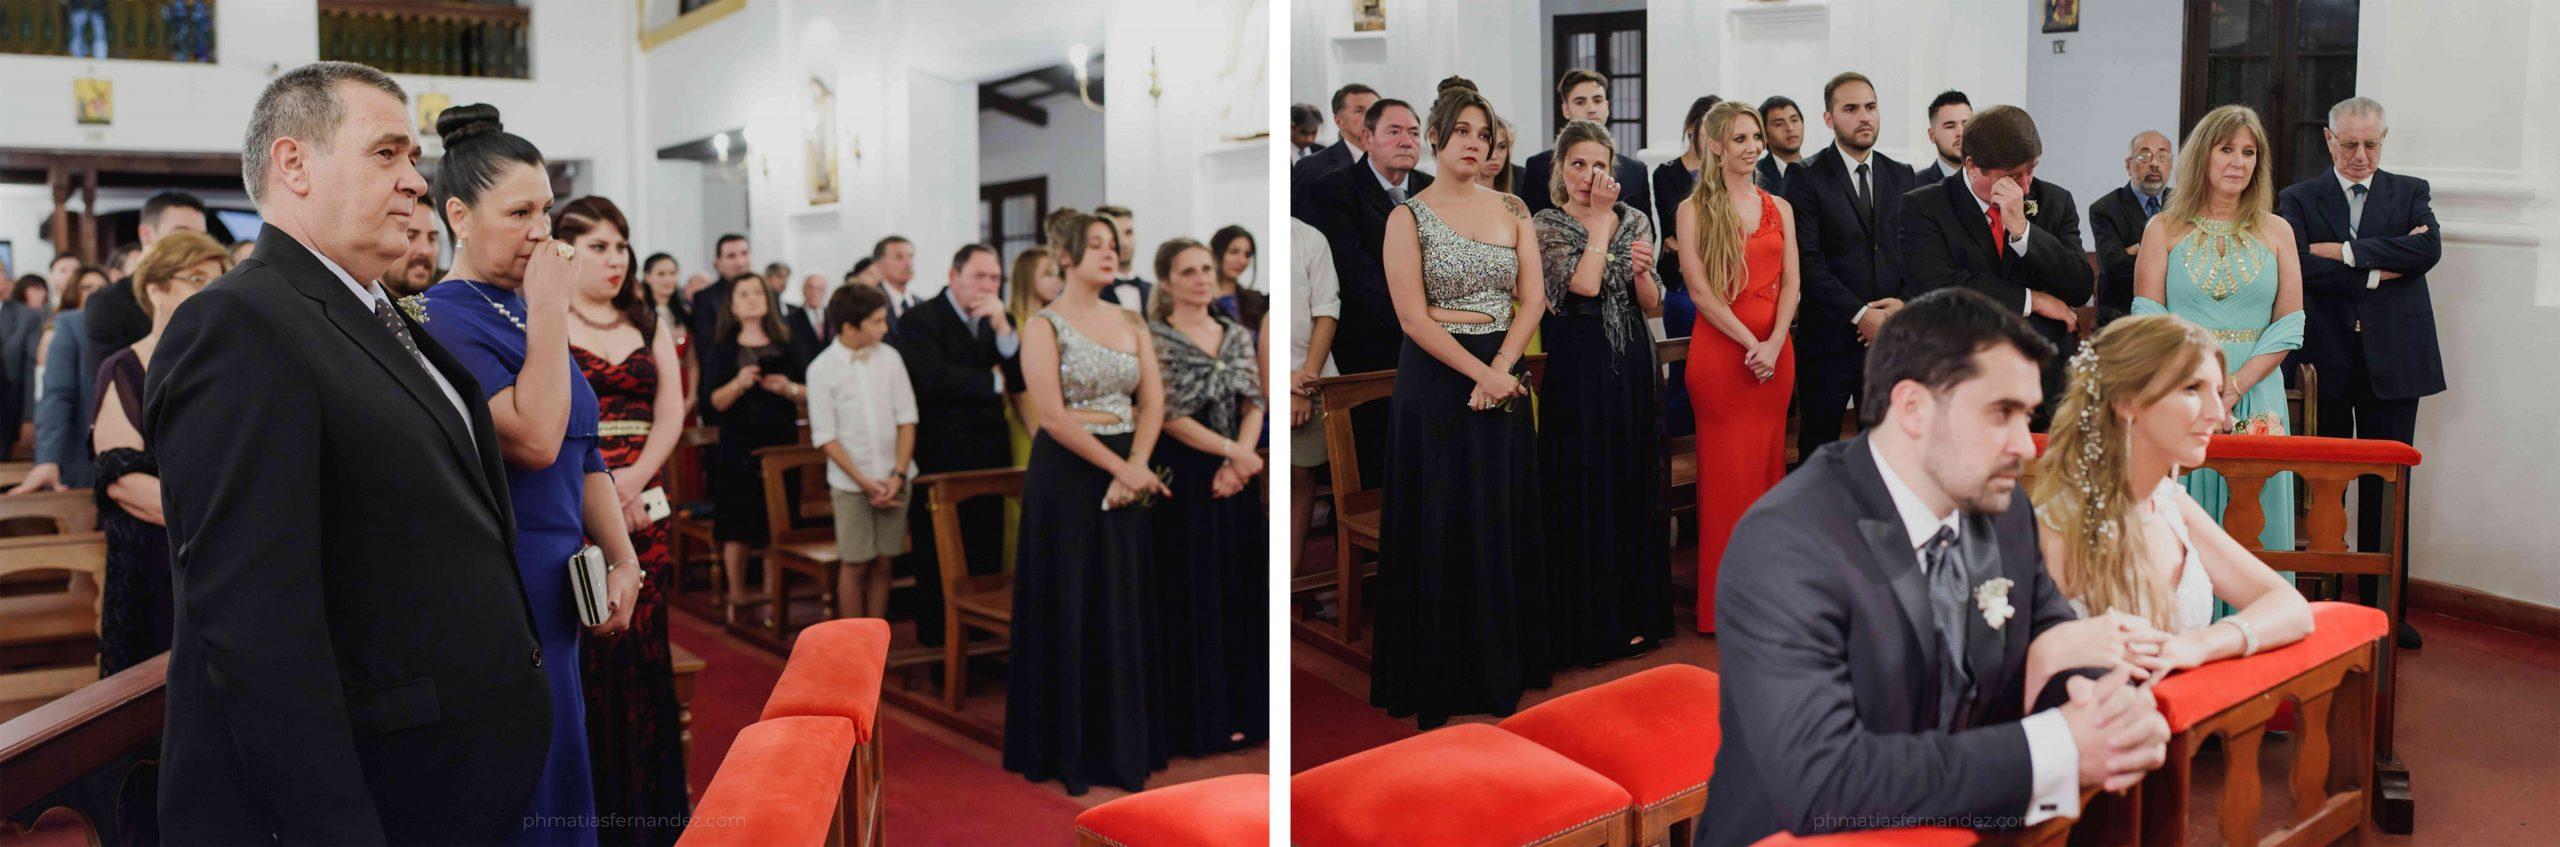 Aye & Aye & Claudio - phmatiasfernandez - matias fernandez - matias fernandez fotografo de bodasClaudio - phmatiasfernandez - matias fernandez - matias fernandez fotografo de bodas